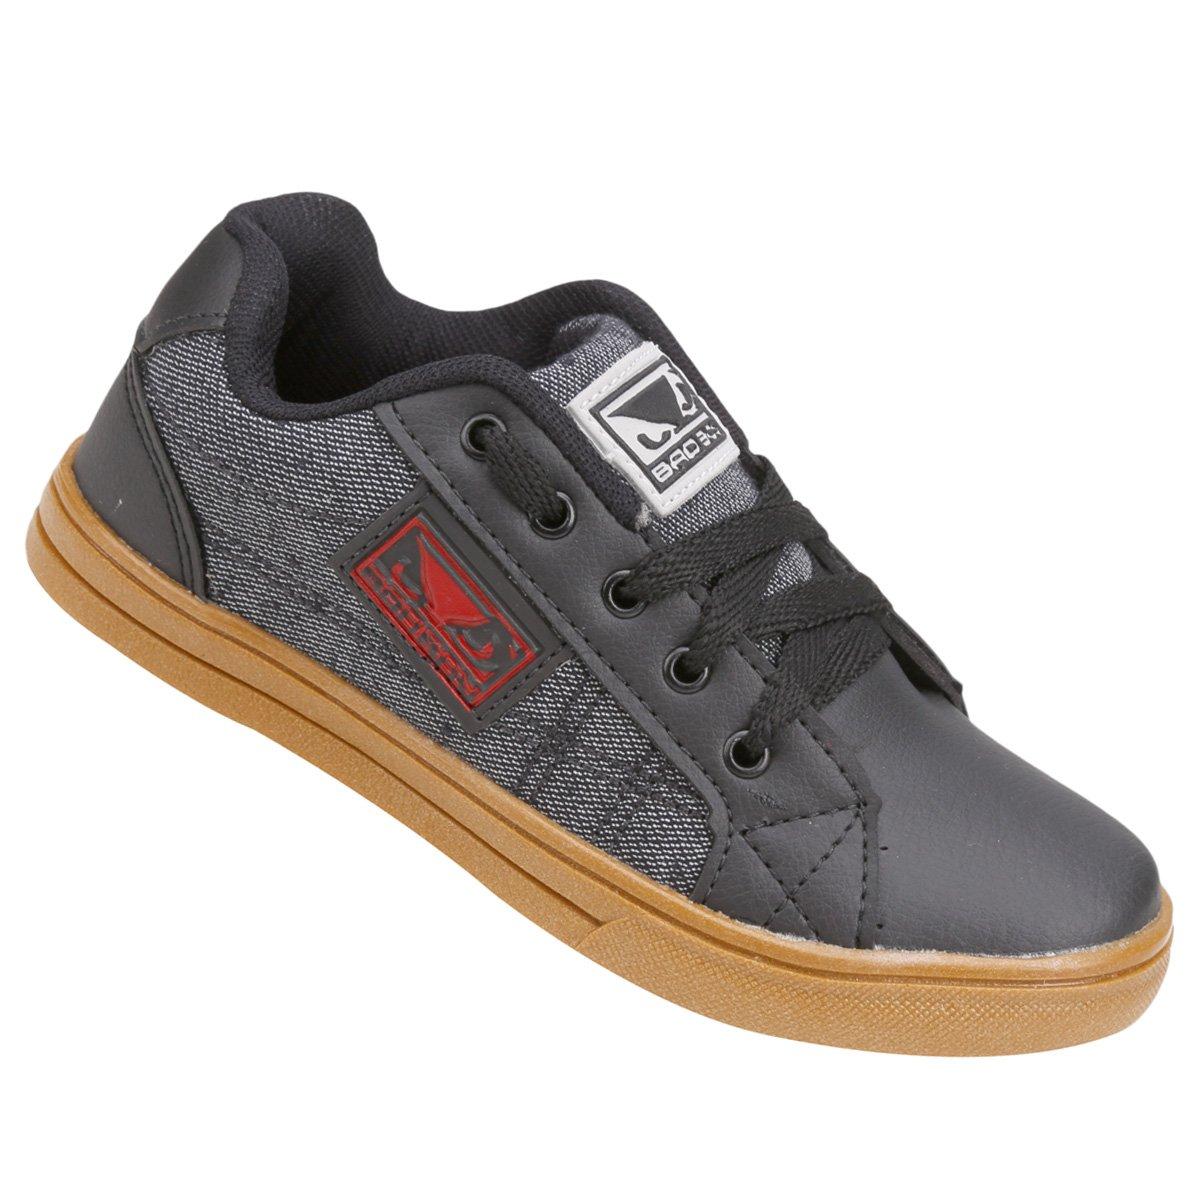 cf2316aea65 Tênis Bad Boy Skate Infantil - Compre Agora